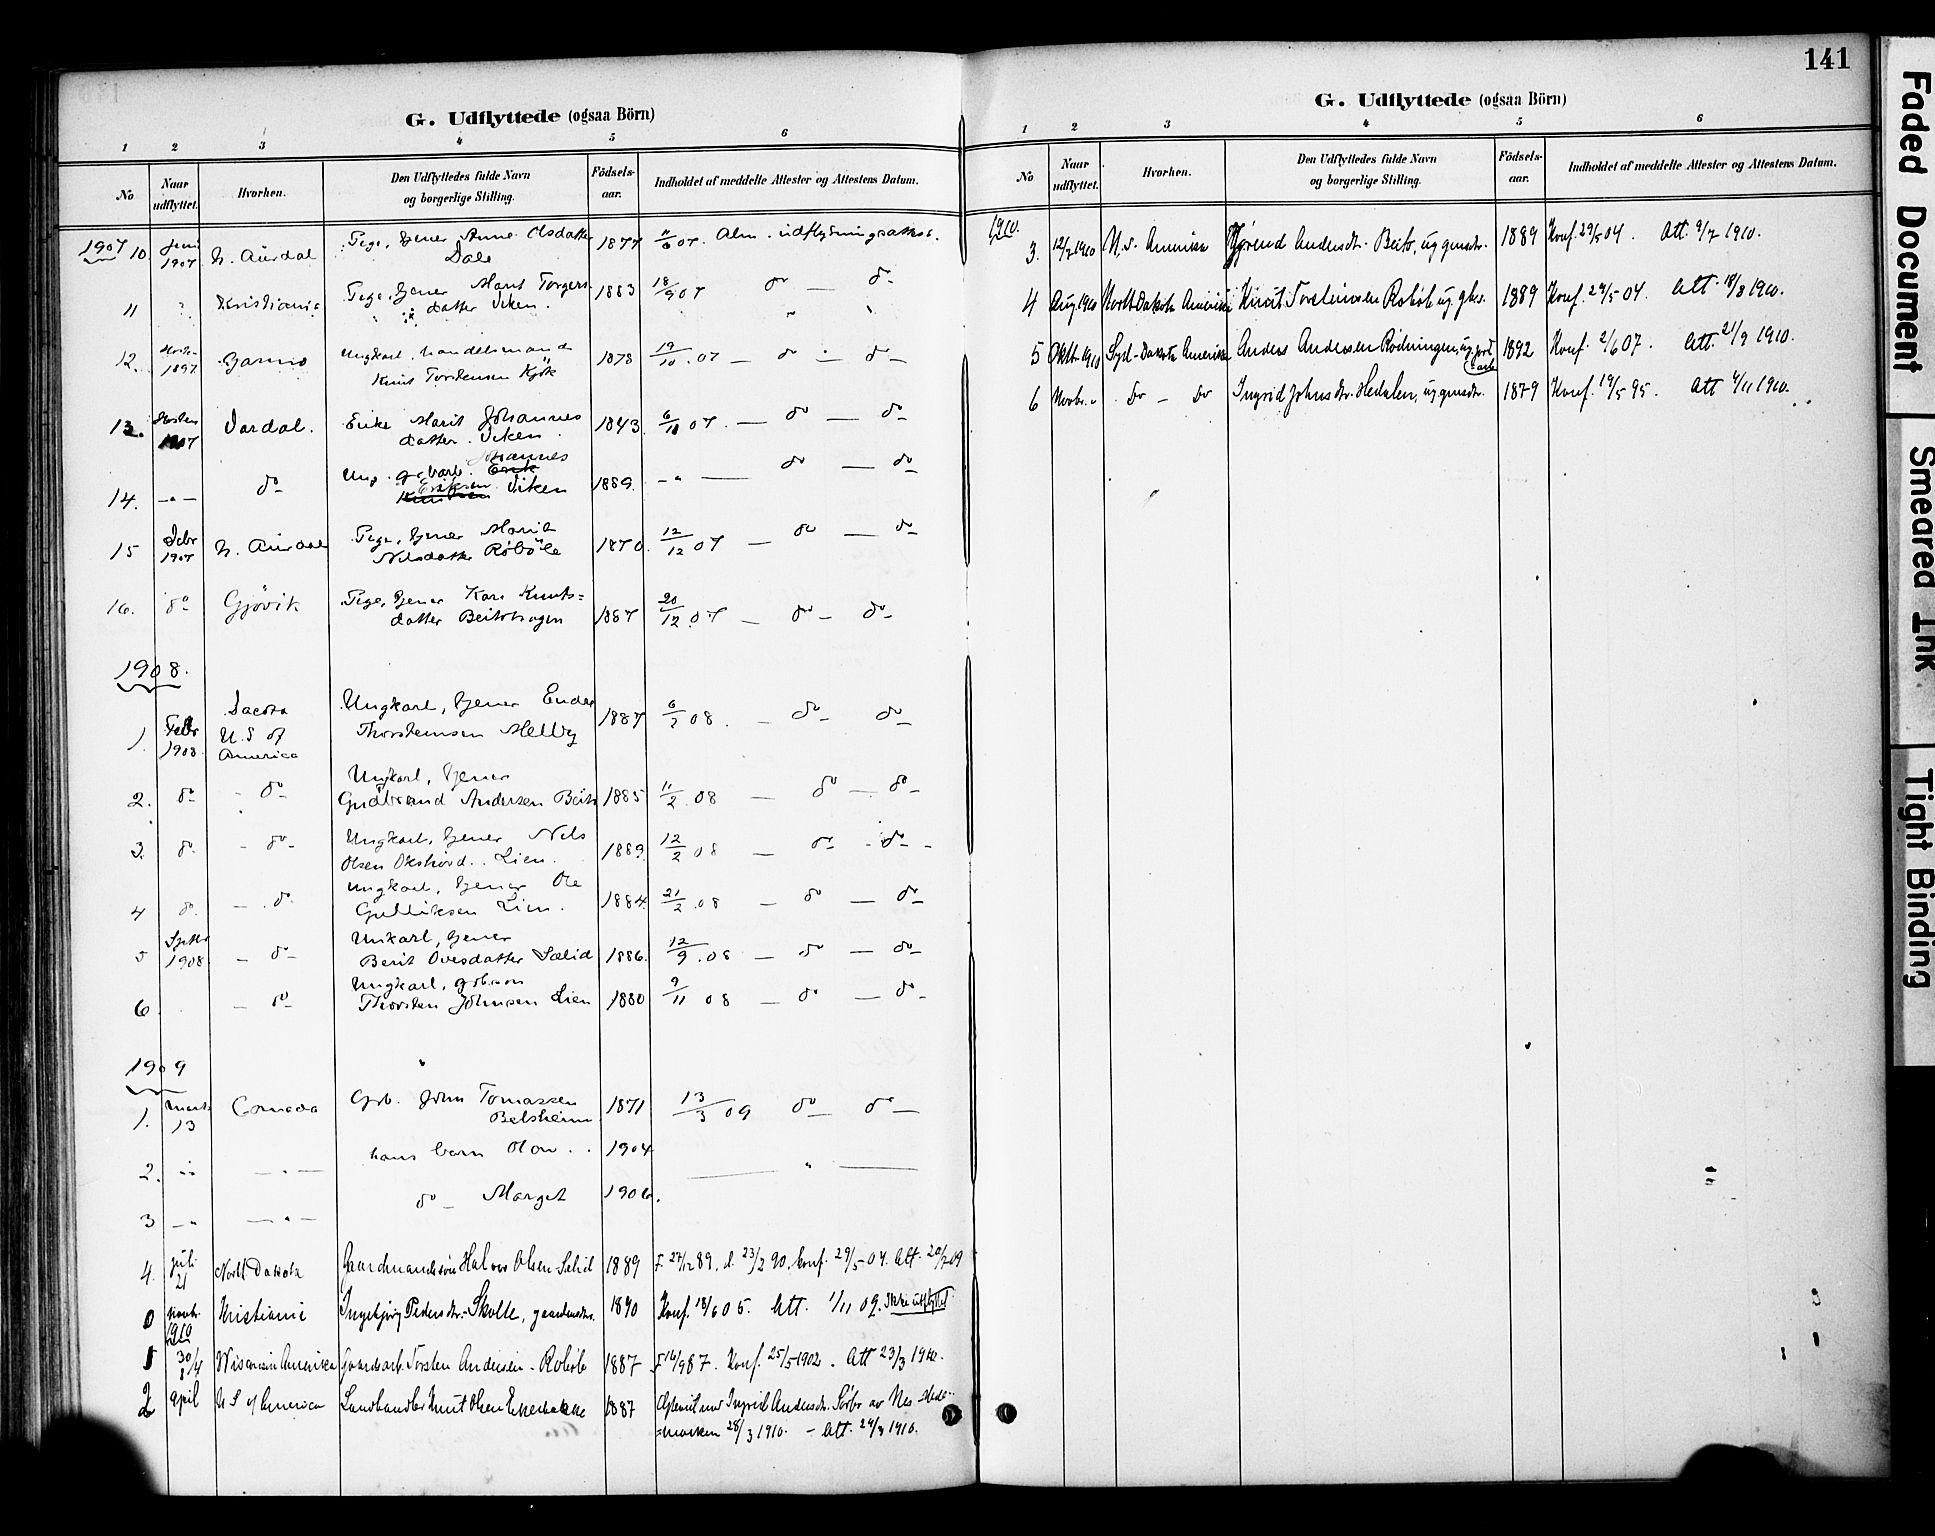 SAH, Øystre Slidre prestekontor, Ministerialbok nr. 4, 1887-1910, s. 141